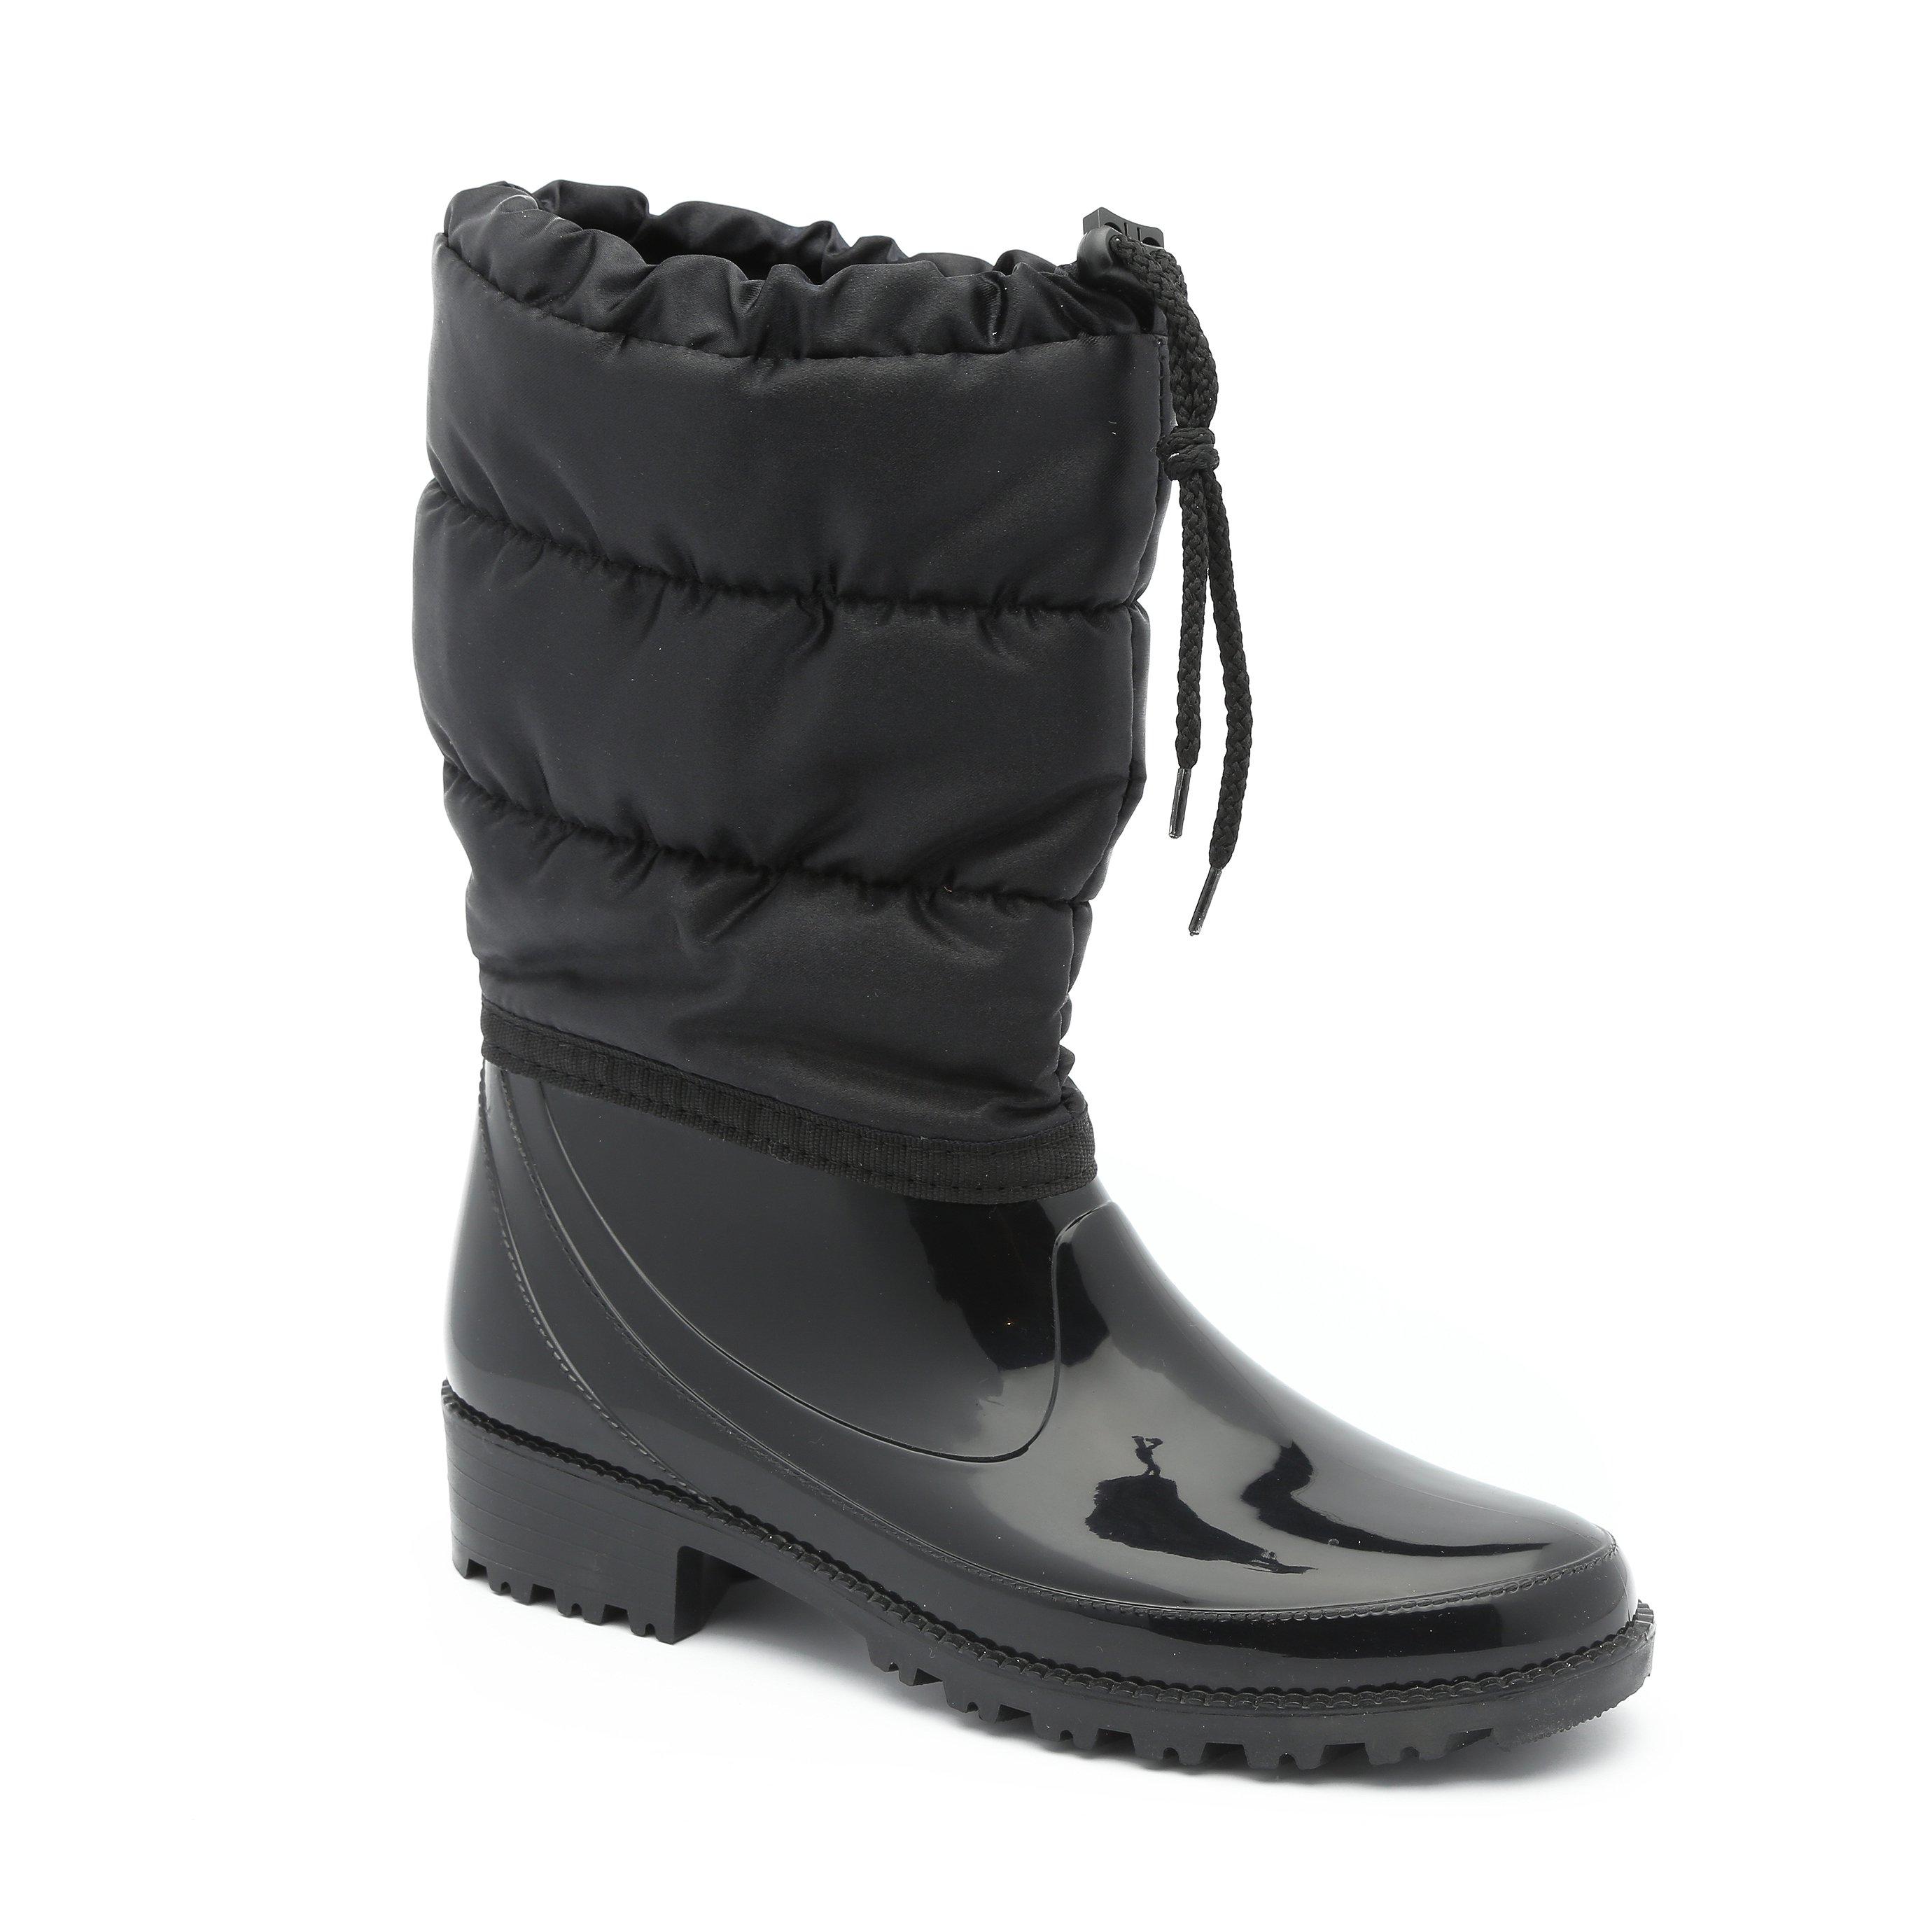 Seventy Nine Wendy 2 - מגפי גשם שחורים עם גפה מבריקה